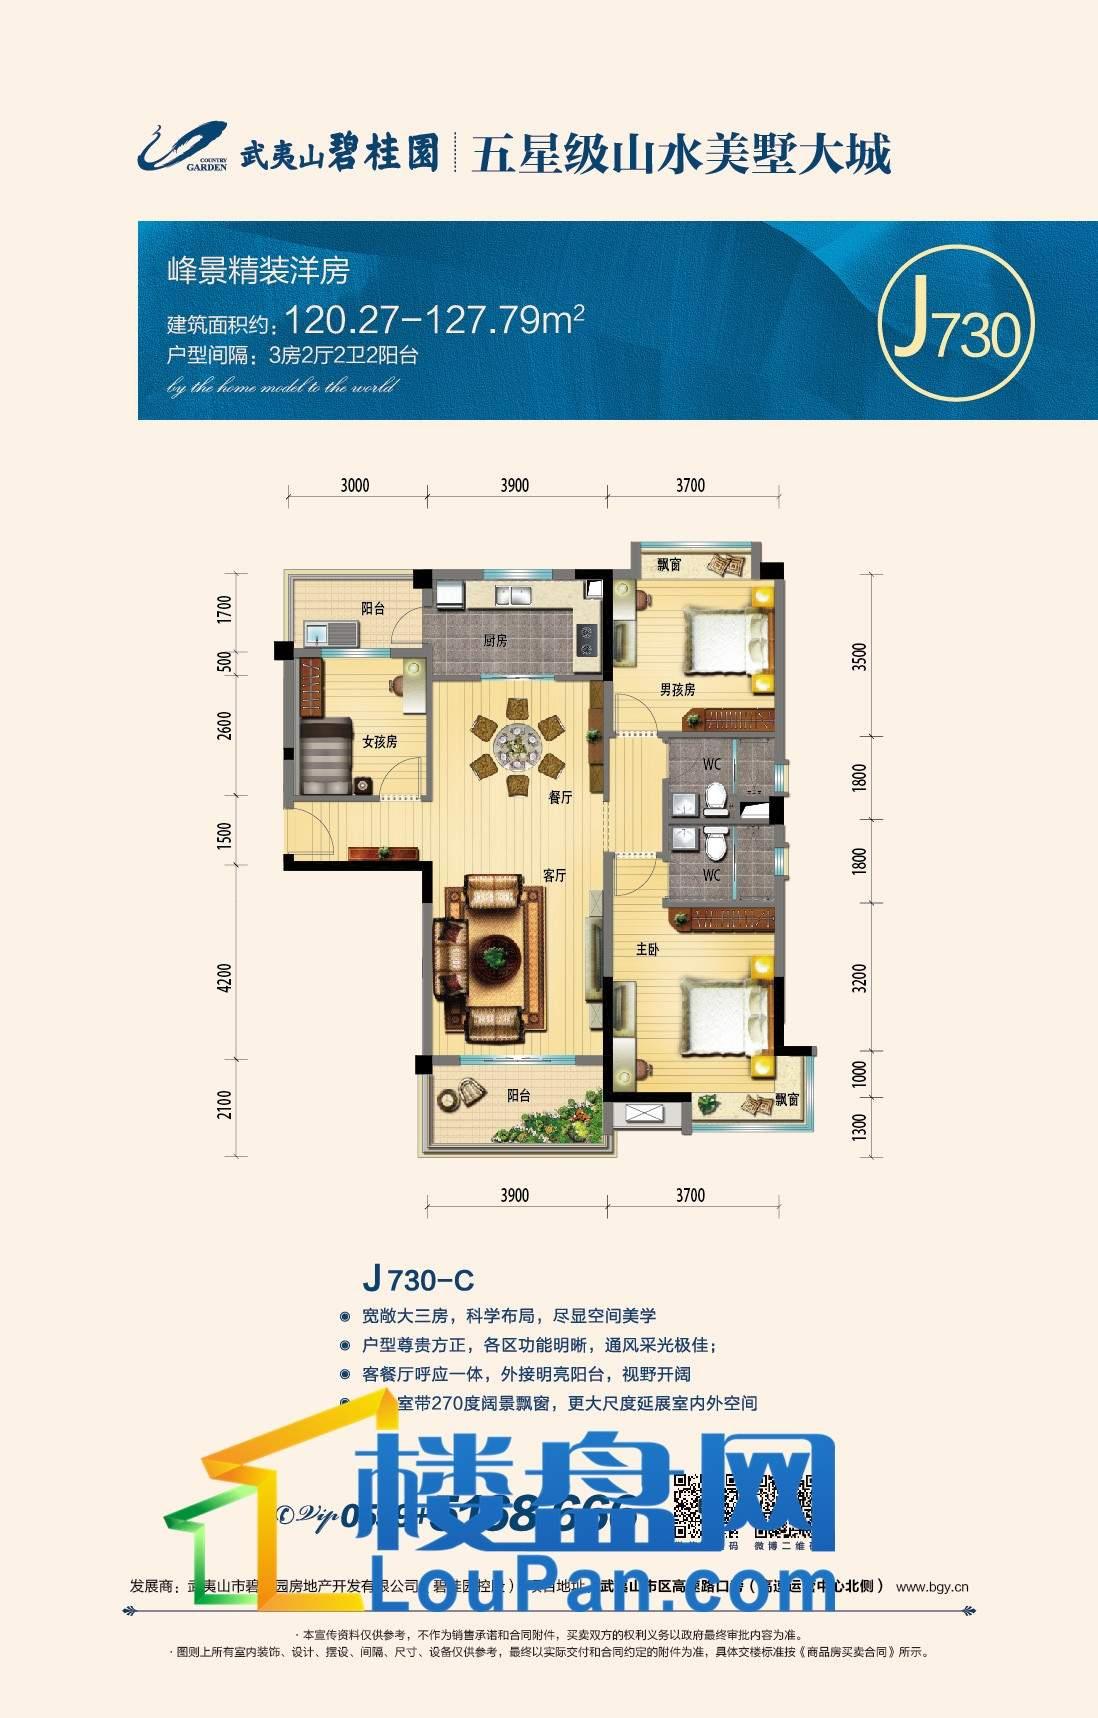 峰景精装洋房J730-C